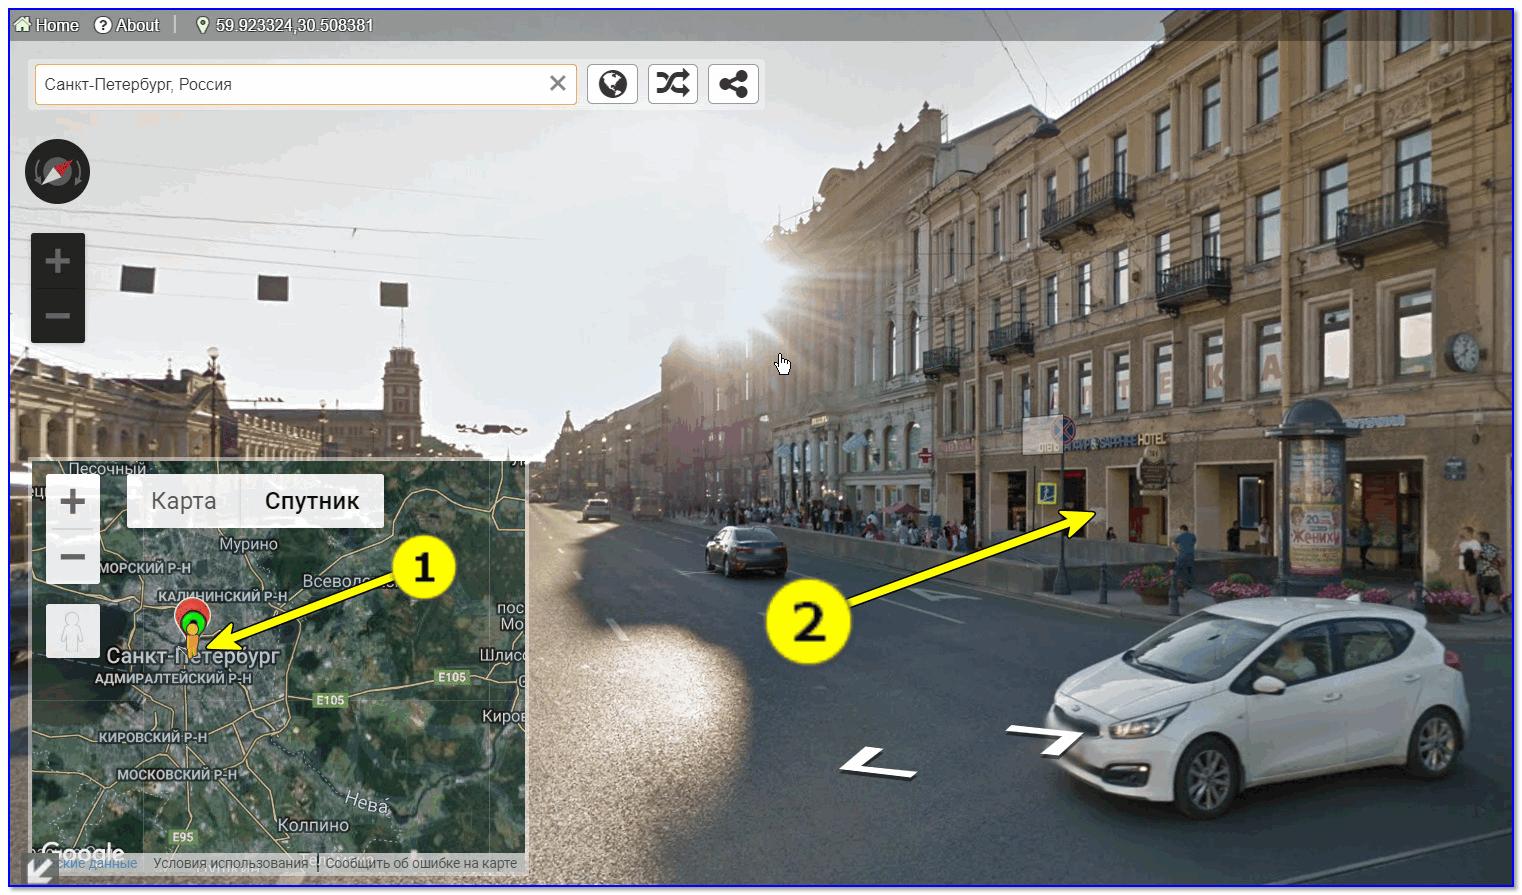 гугл карты с фотографиями улиц вам интересно будет